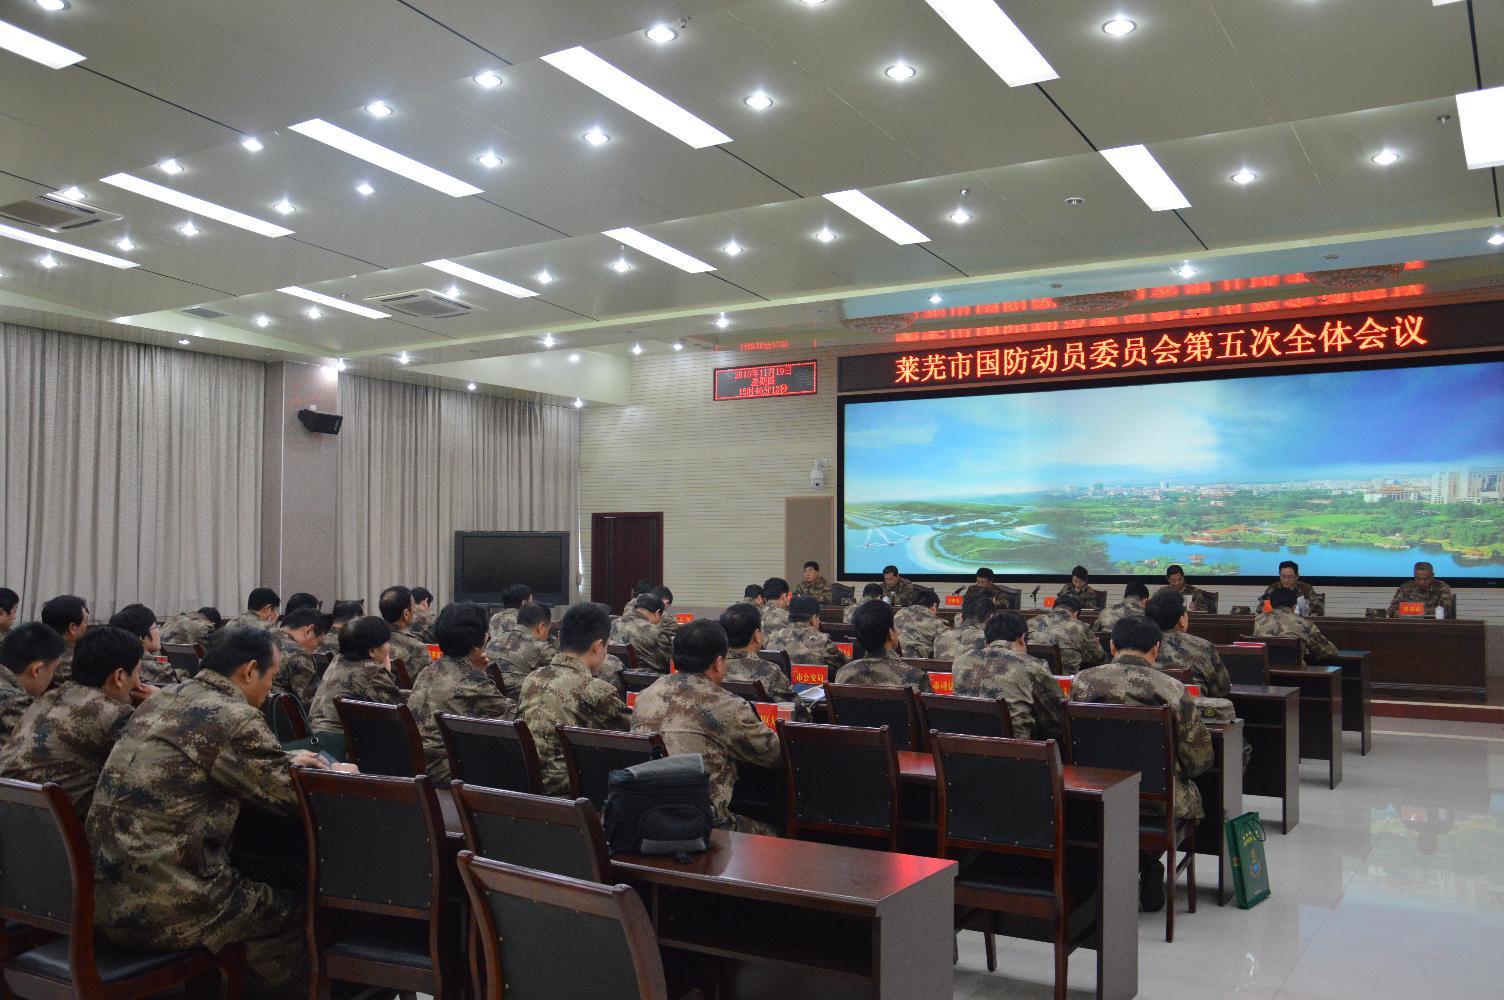 莱芜市国防动员委员会第五次全体会议在人防办召开